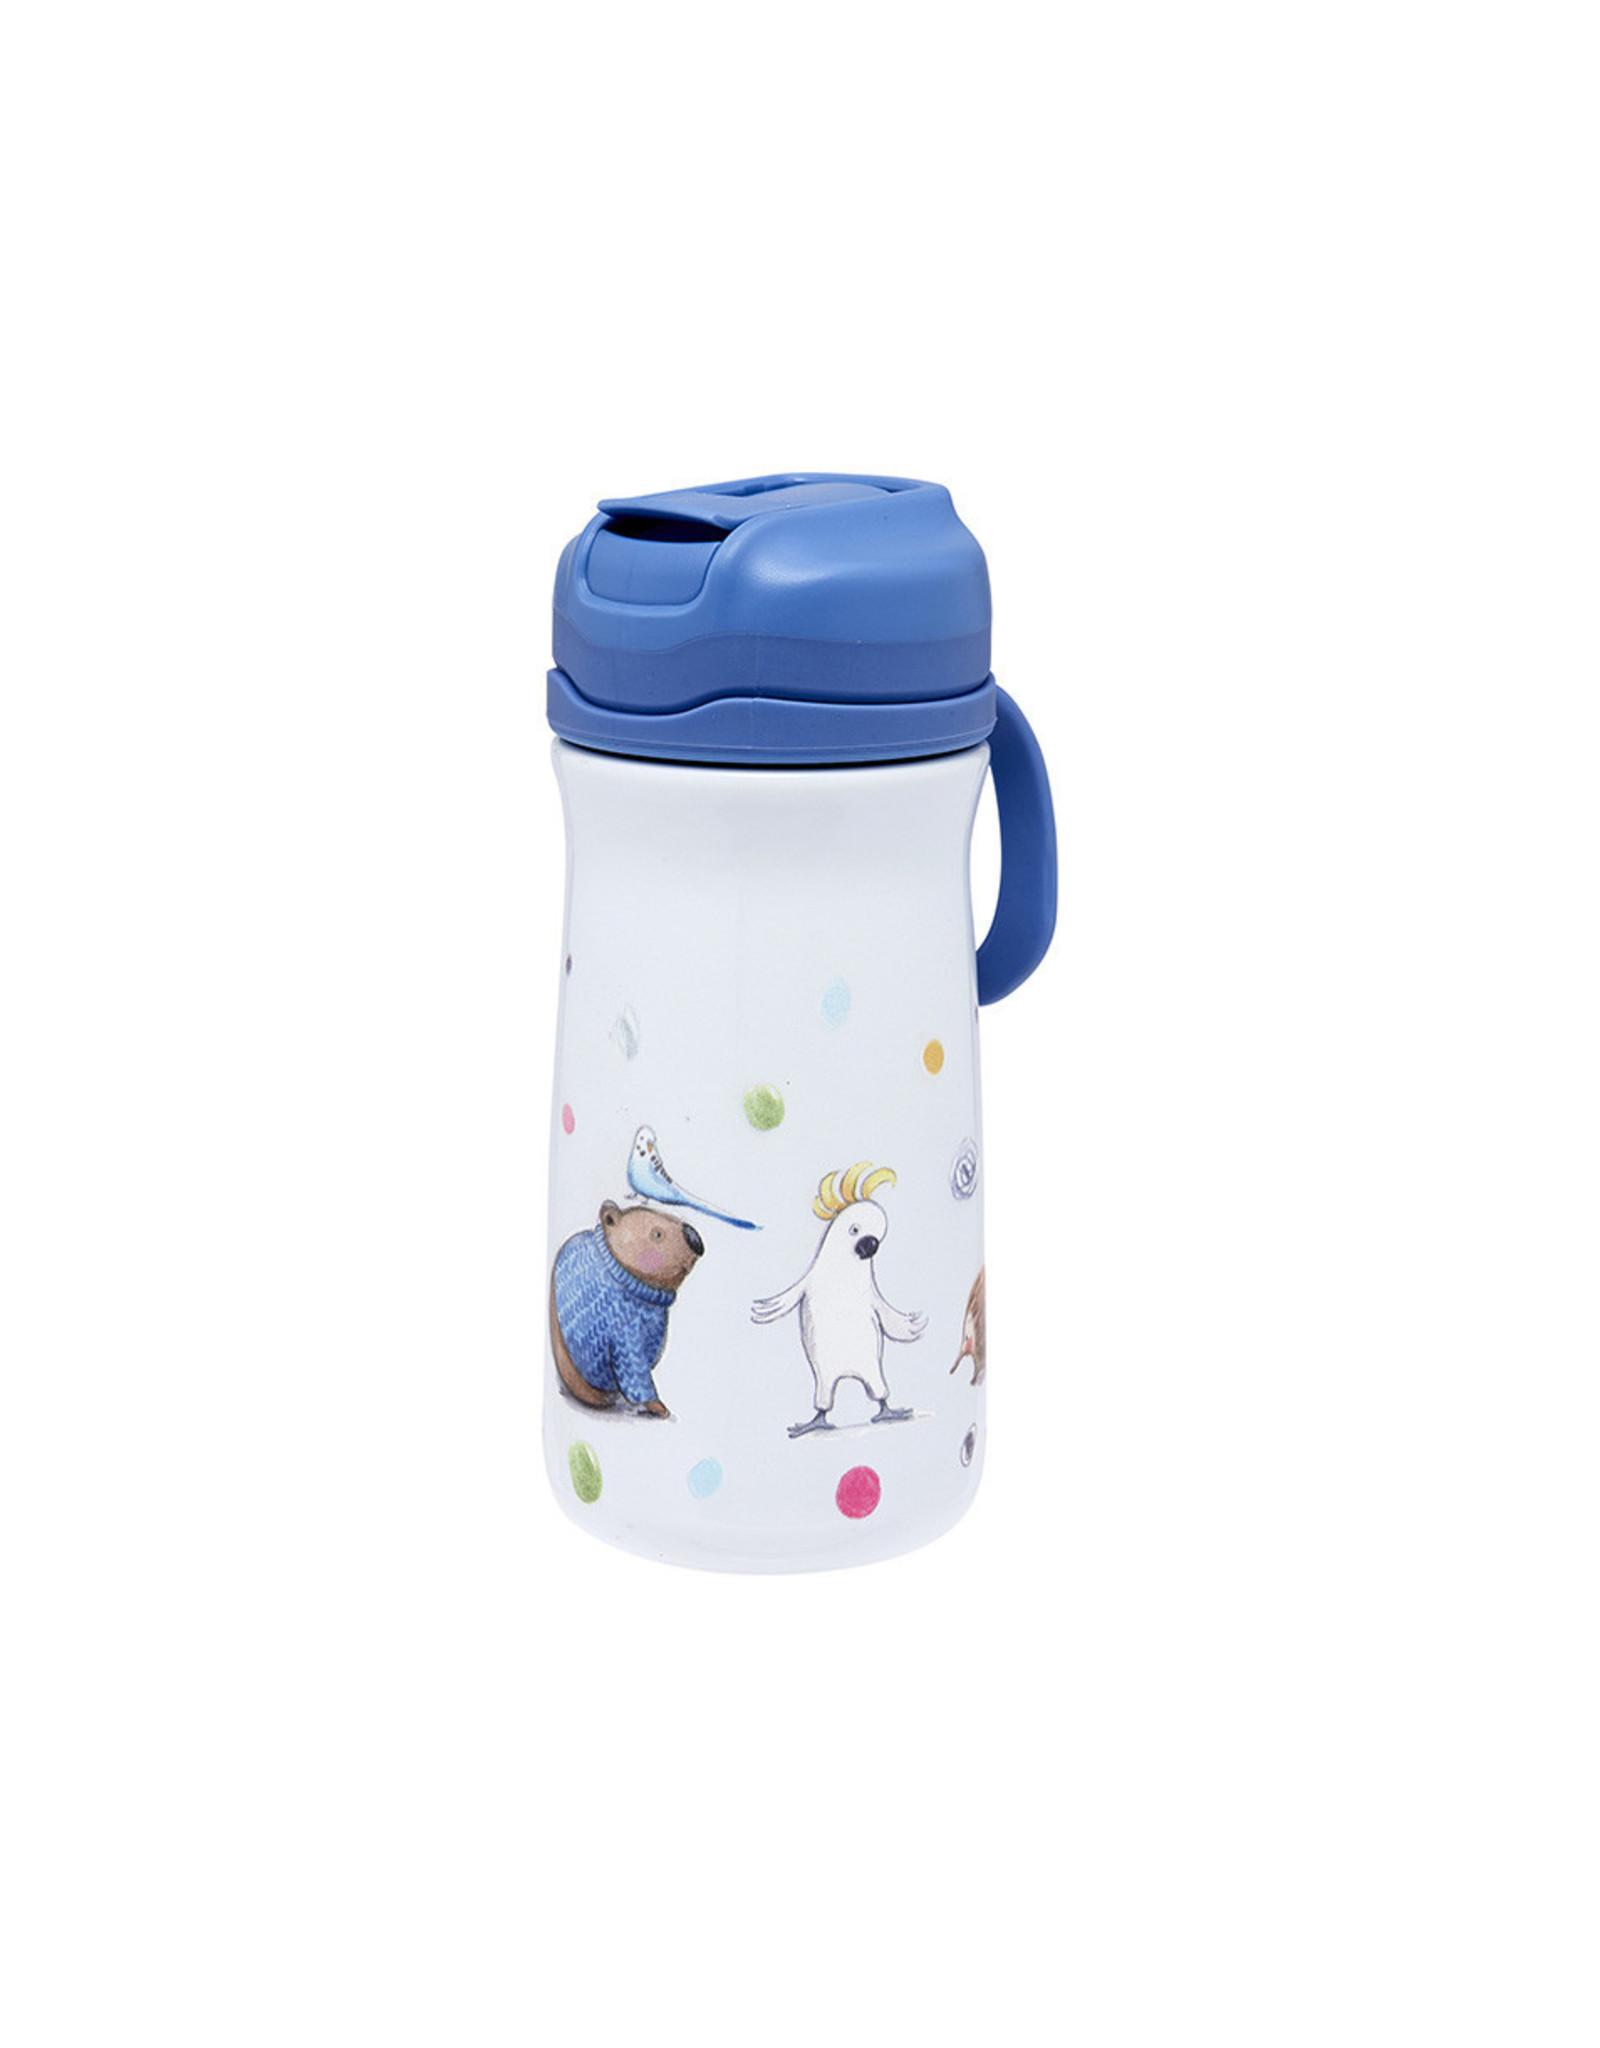 Ashdene Barney Gumnut & Friends 370ml Drink Bottle